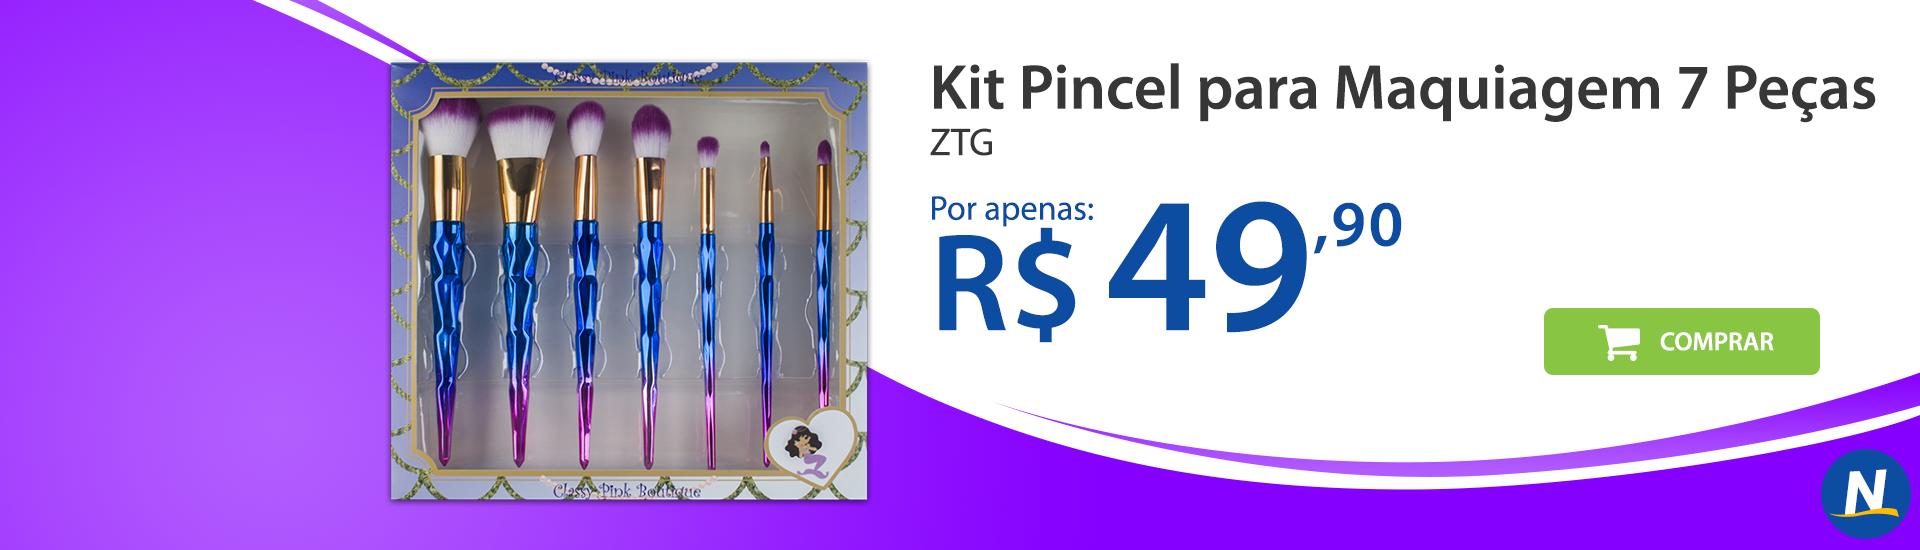 banner kit 7 pinceis